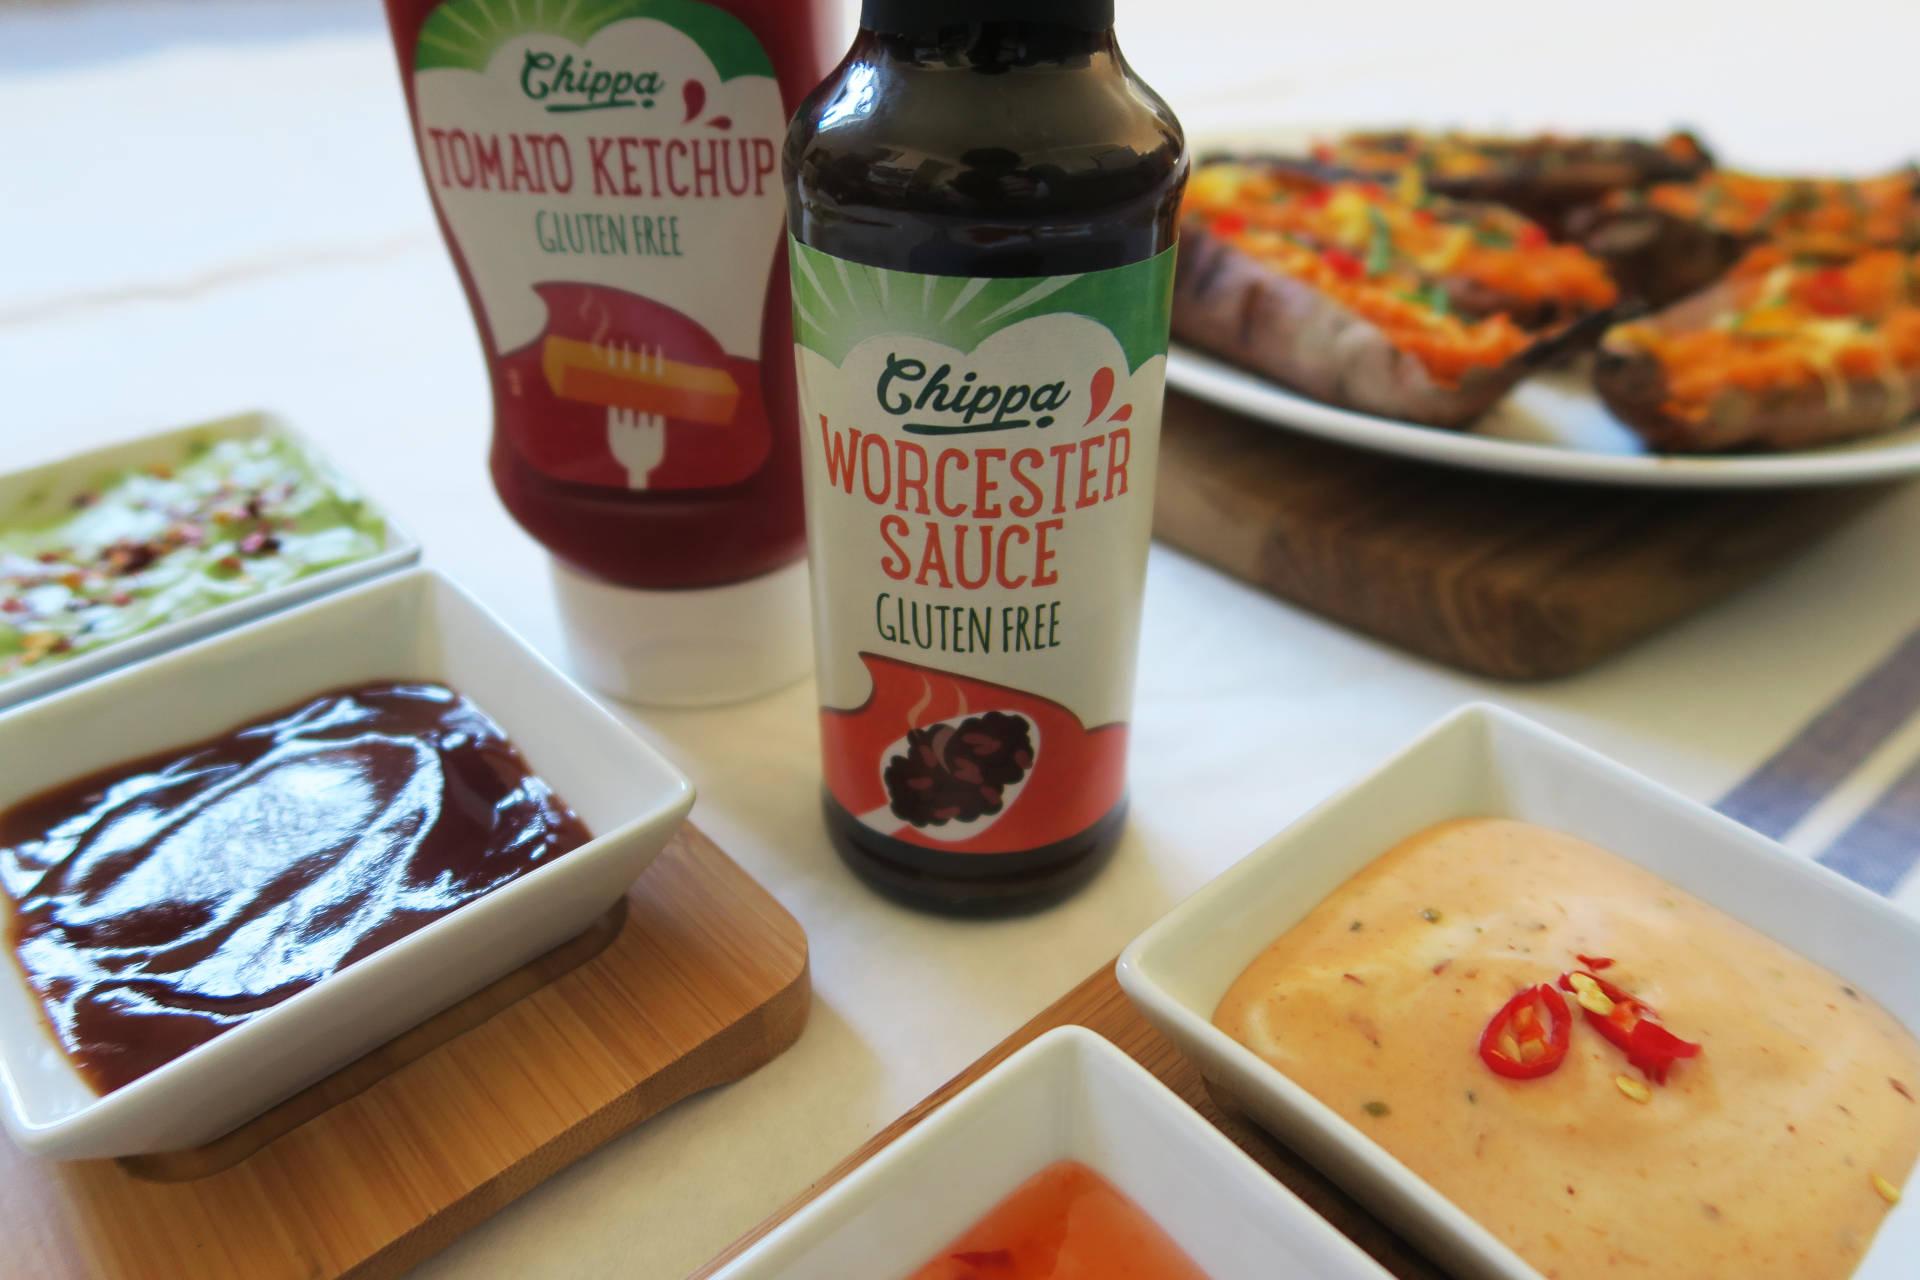 Вустерширский соус - чем заменить в блюдах и как сделать для салата цезарь или мяса